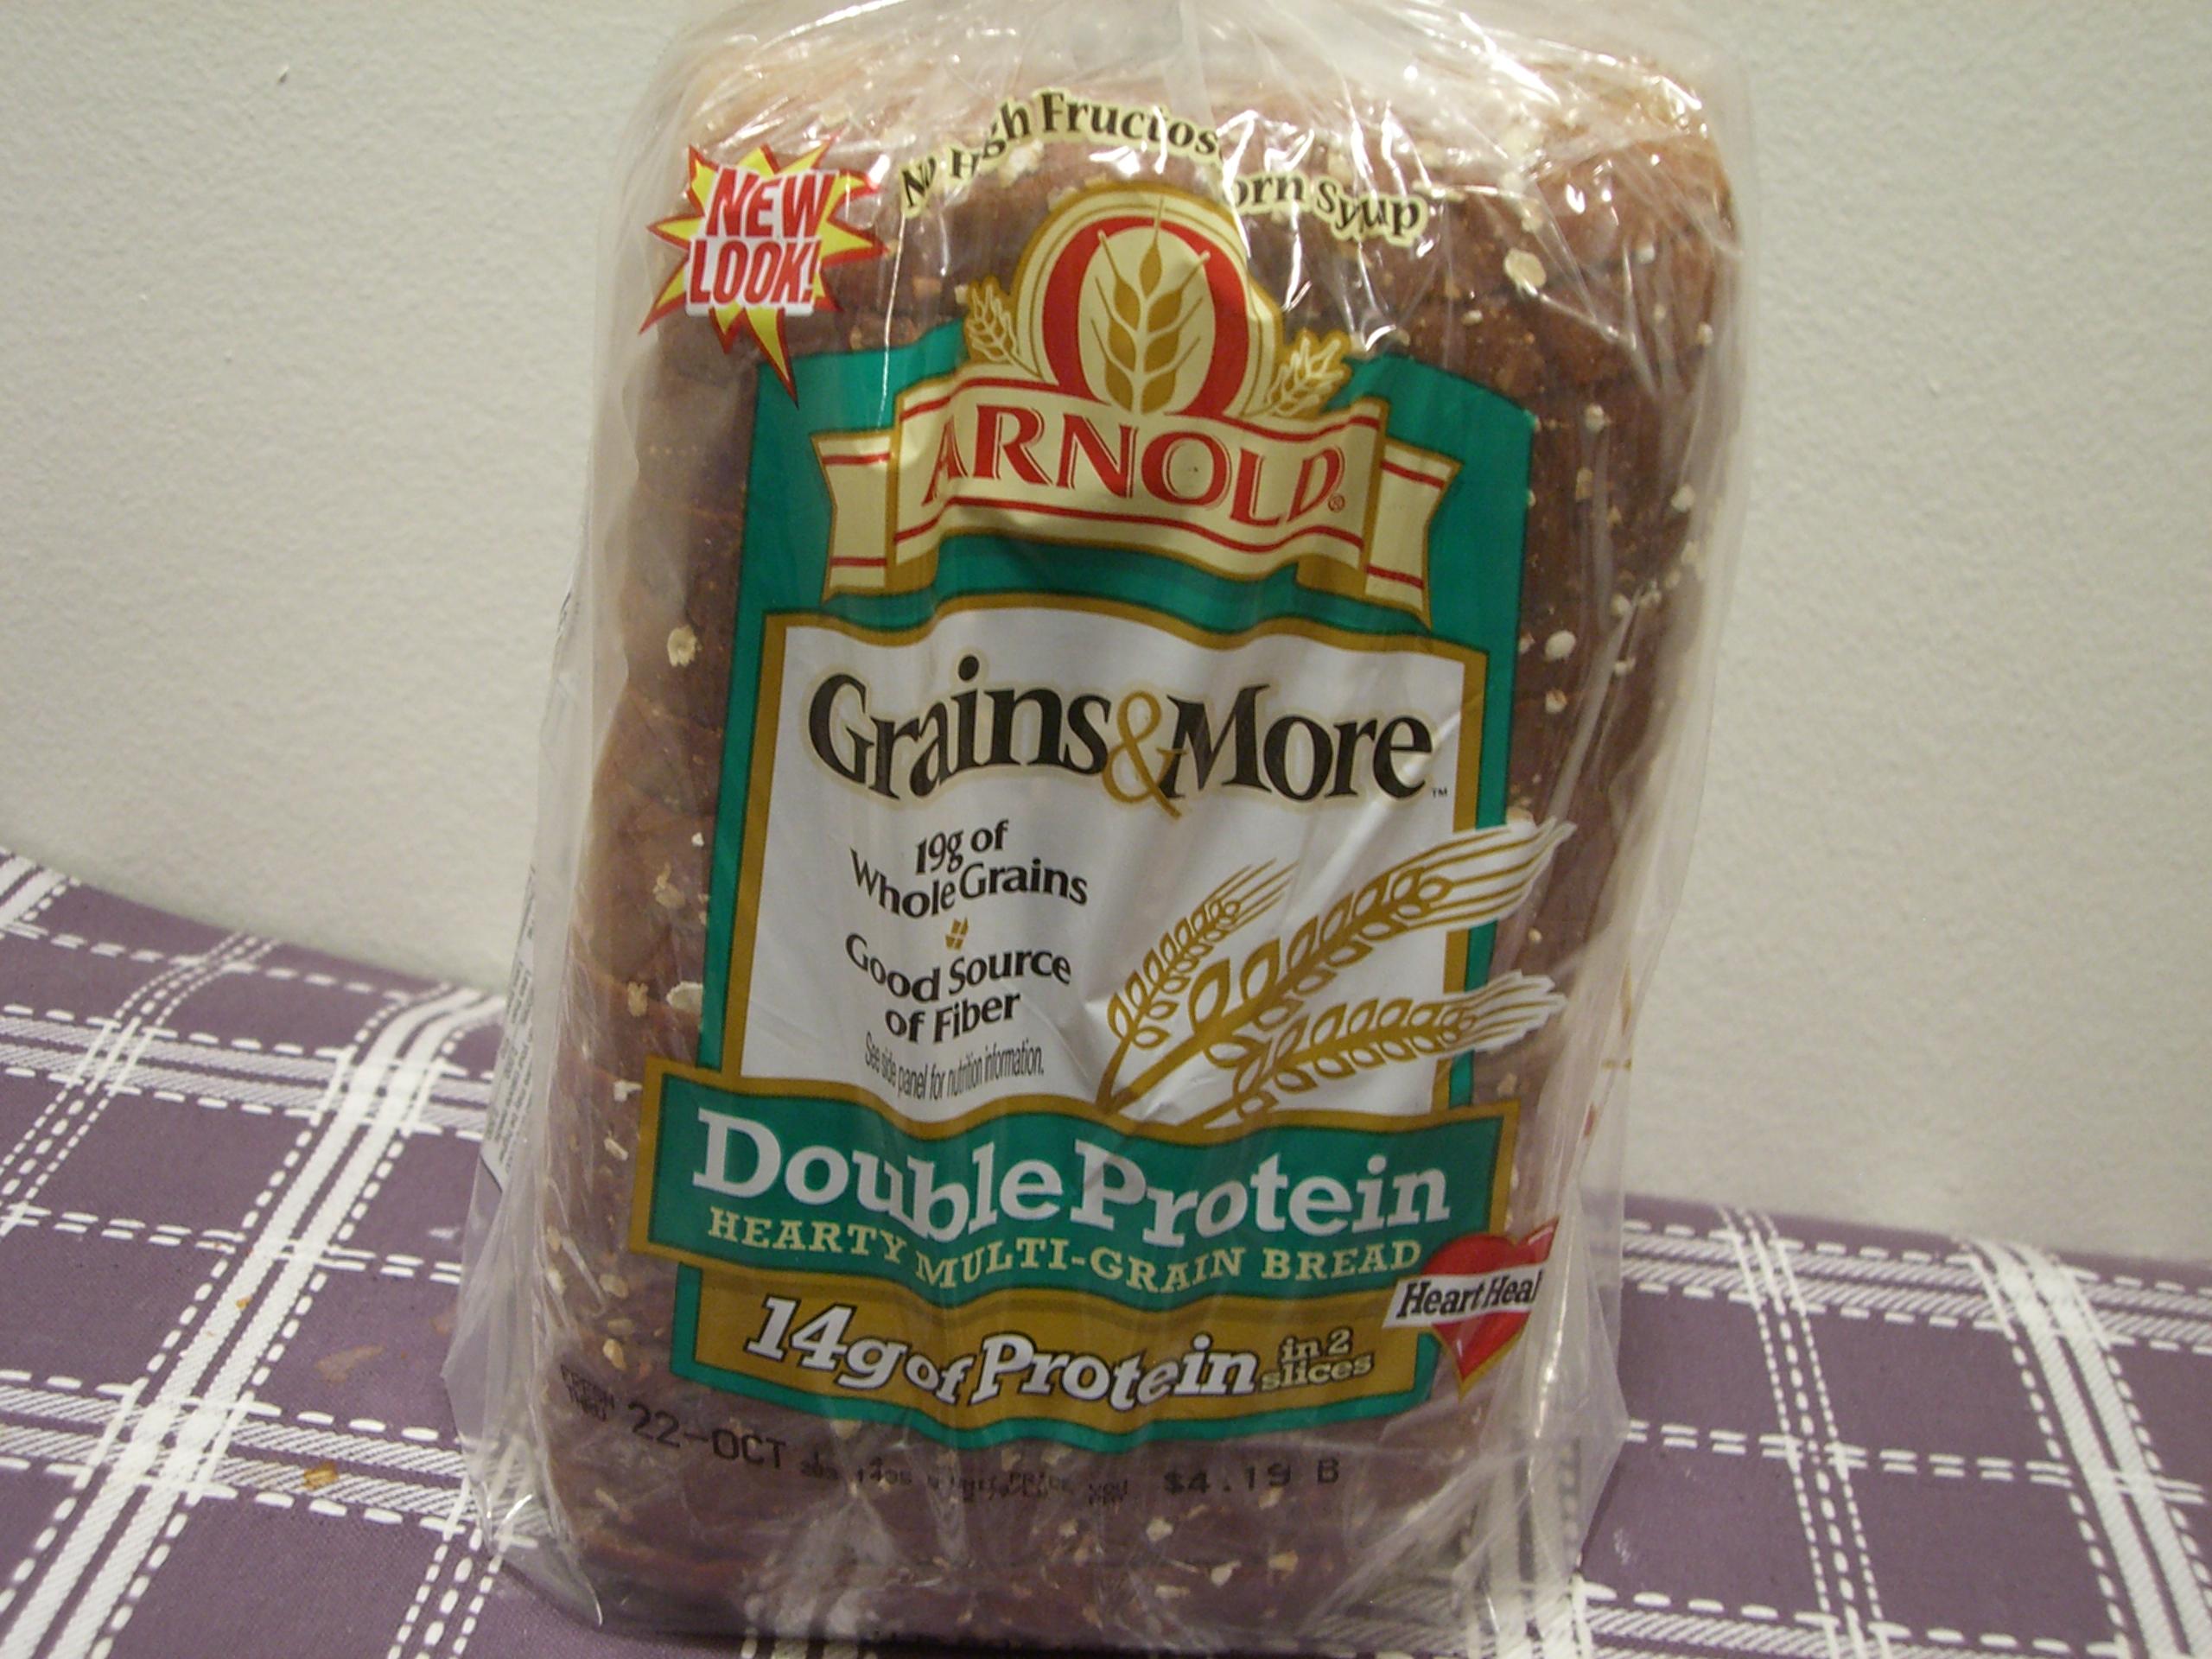 Double Protein Hearty Multi-Grain Bread. Description: